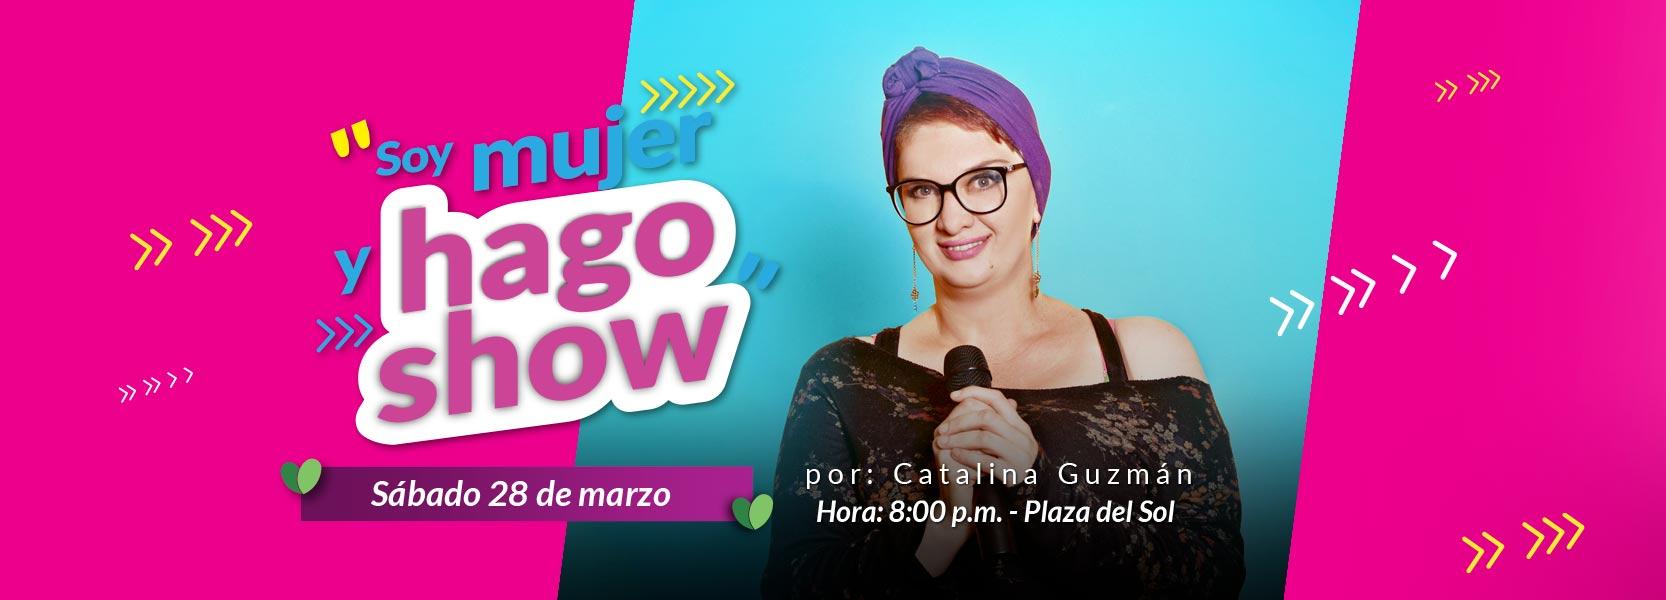 _Soy-mujer-y-hago-show